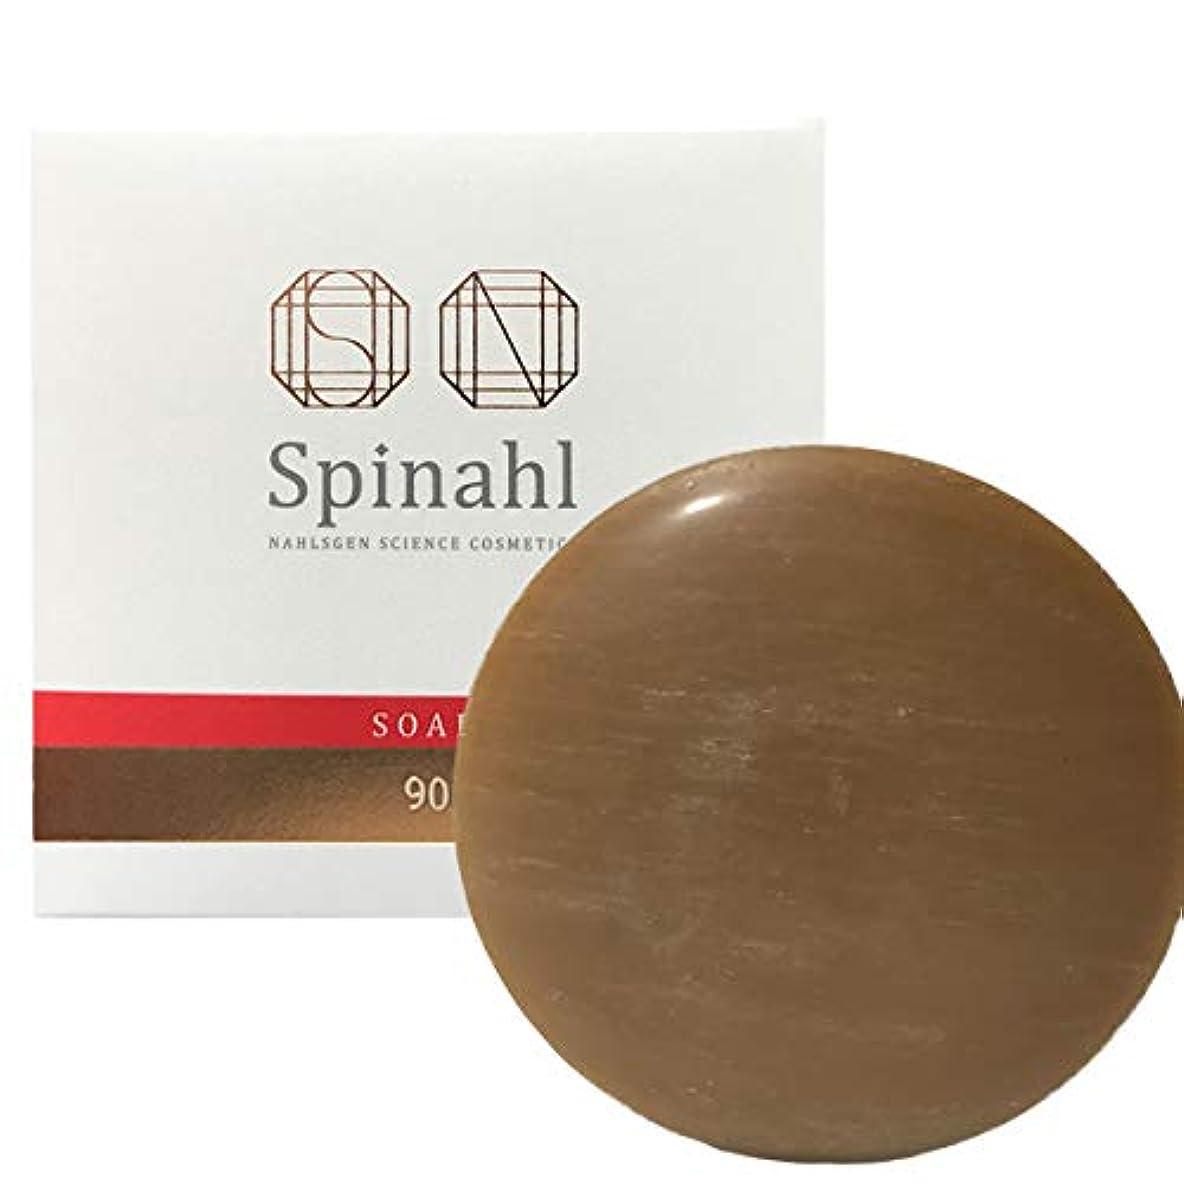 極めて重要な靄に慣れスピナールソープ Spinahl soap 2個セット